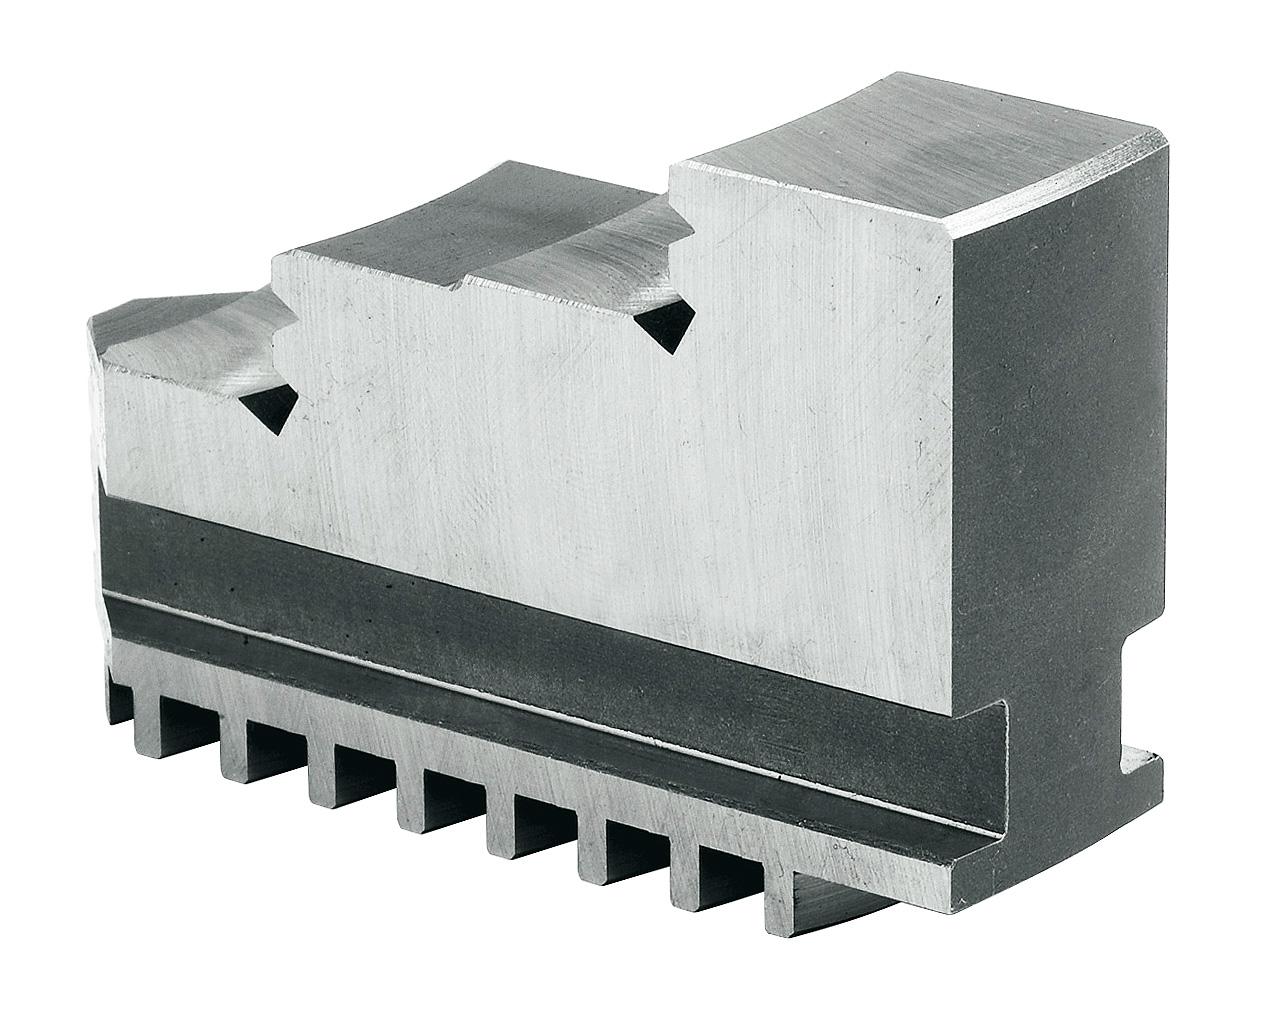 Szczęki jednolite twarde wewnętrzne - komplet DIJ-DK12-400 BERNARDO